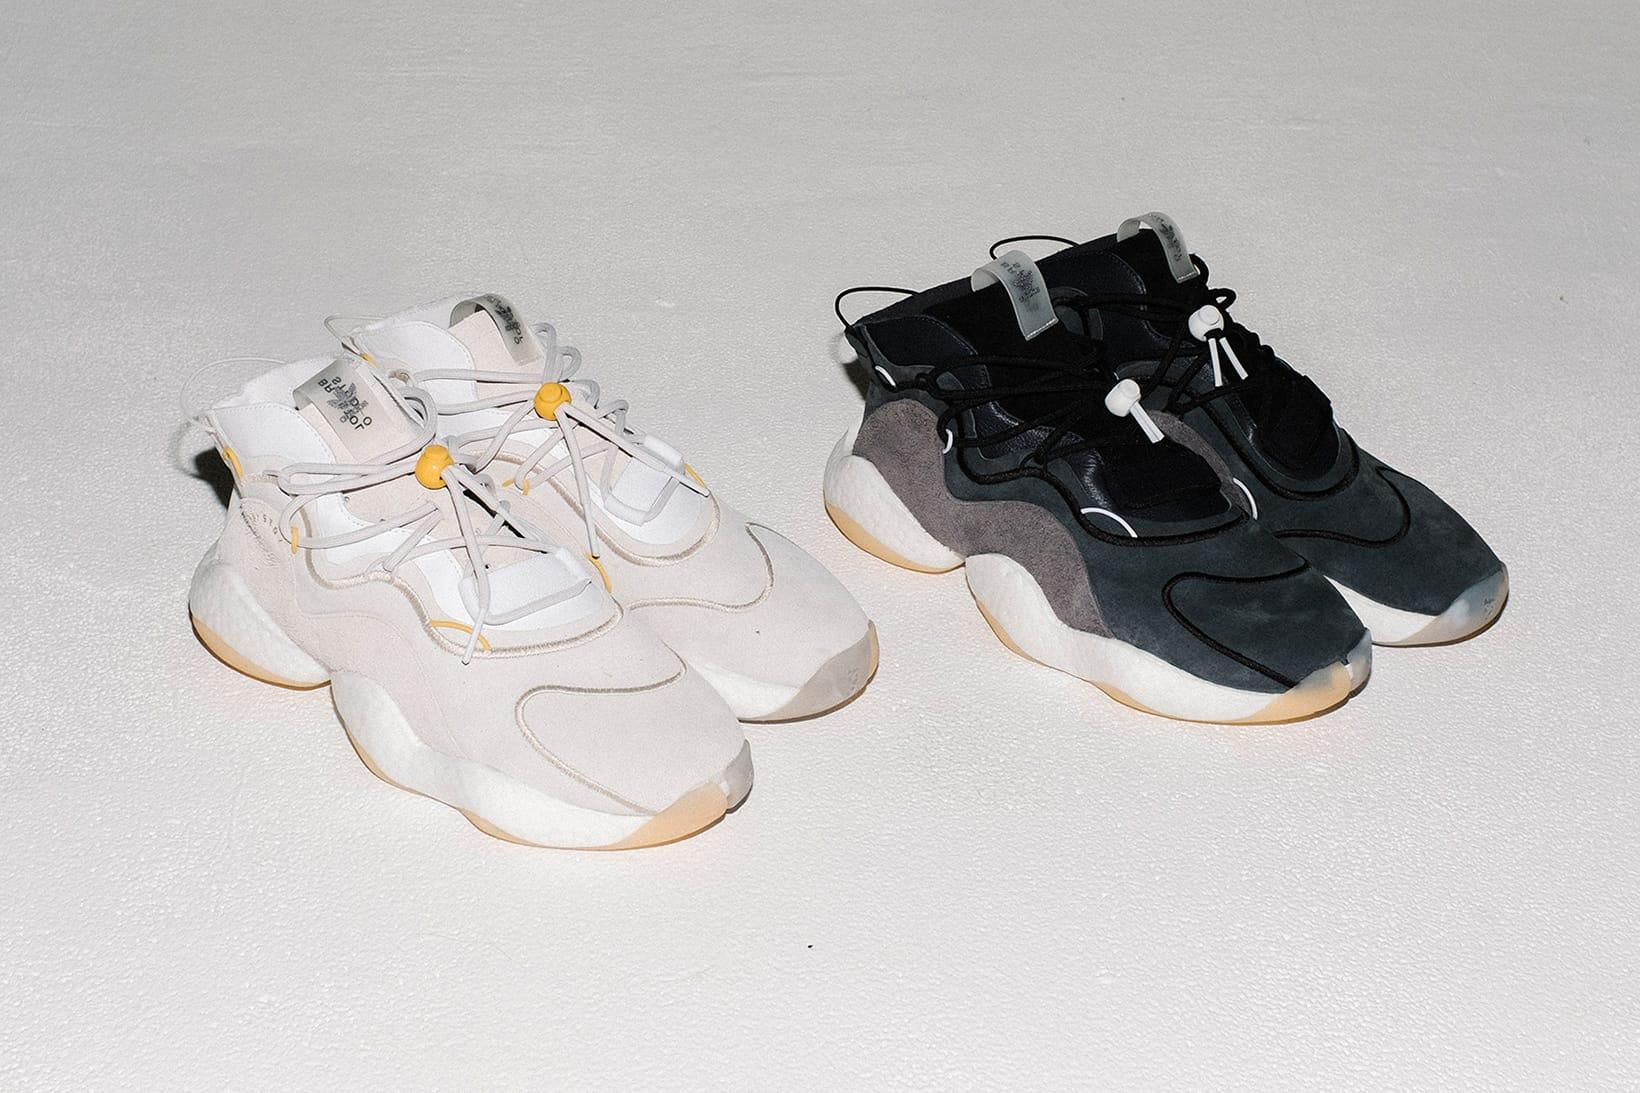 bristol crazy byw 2 shoes